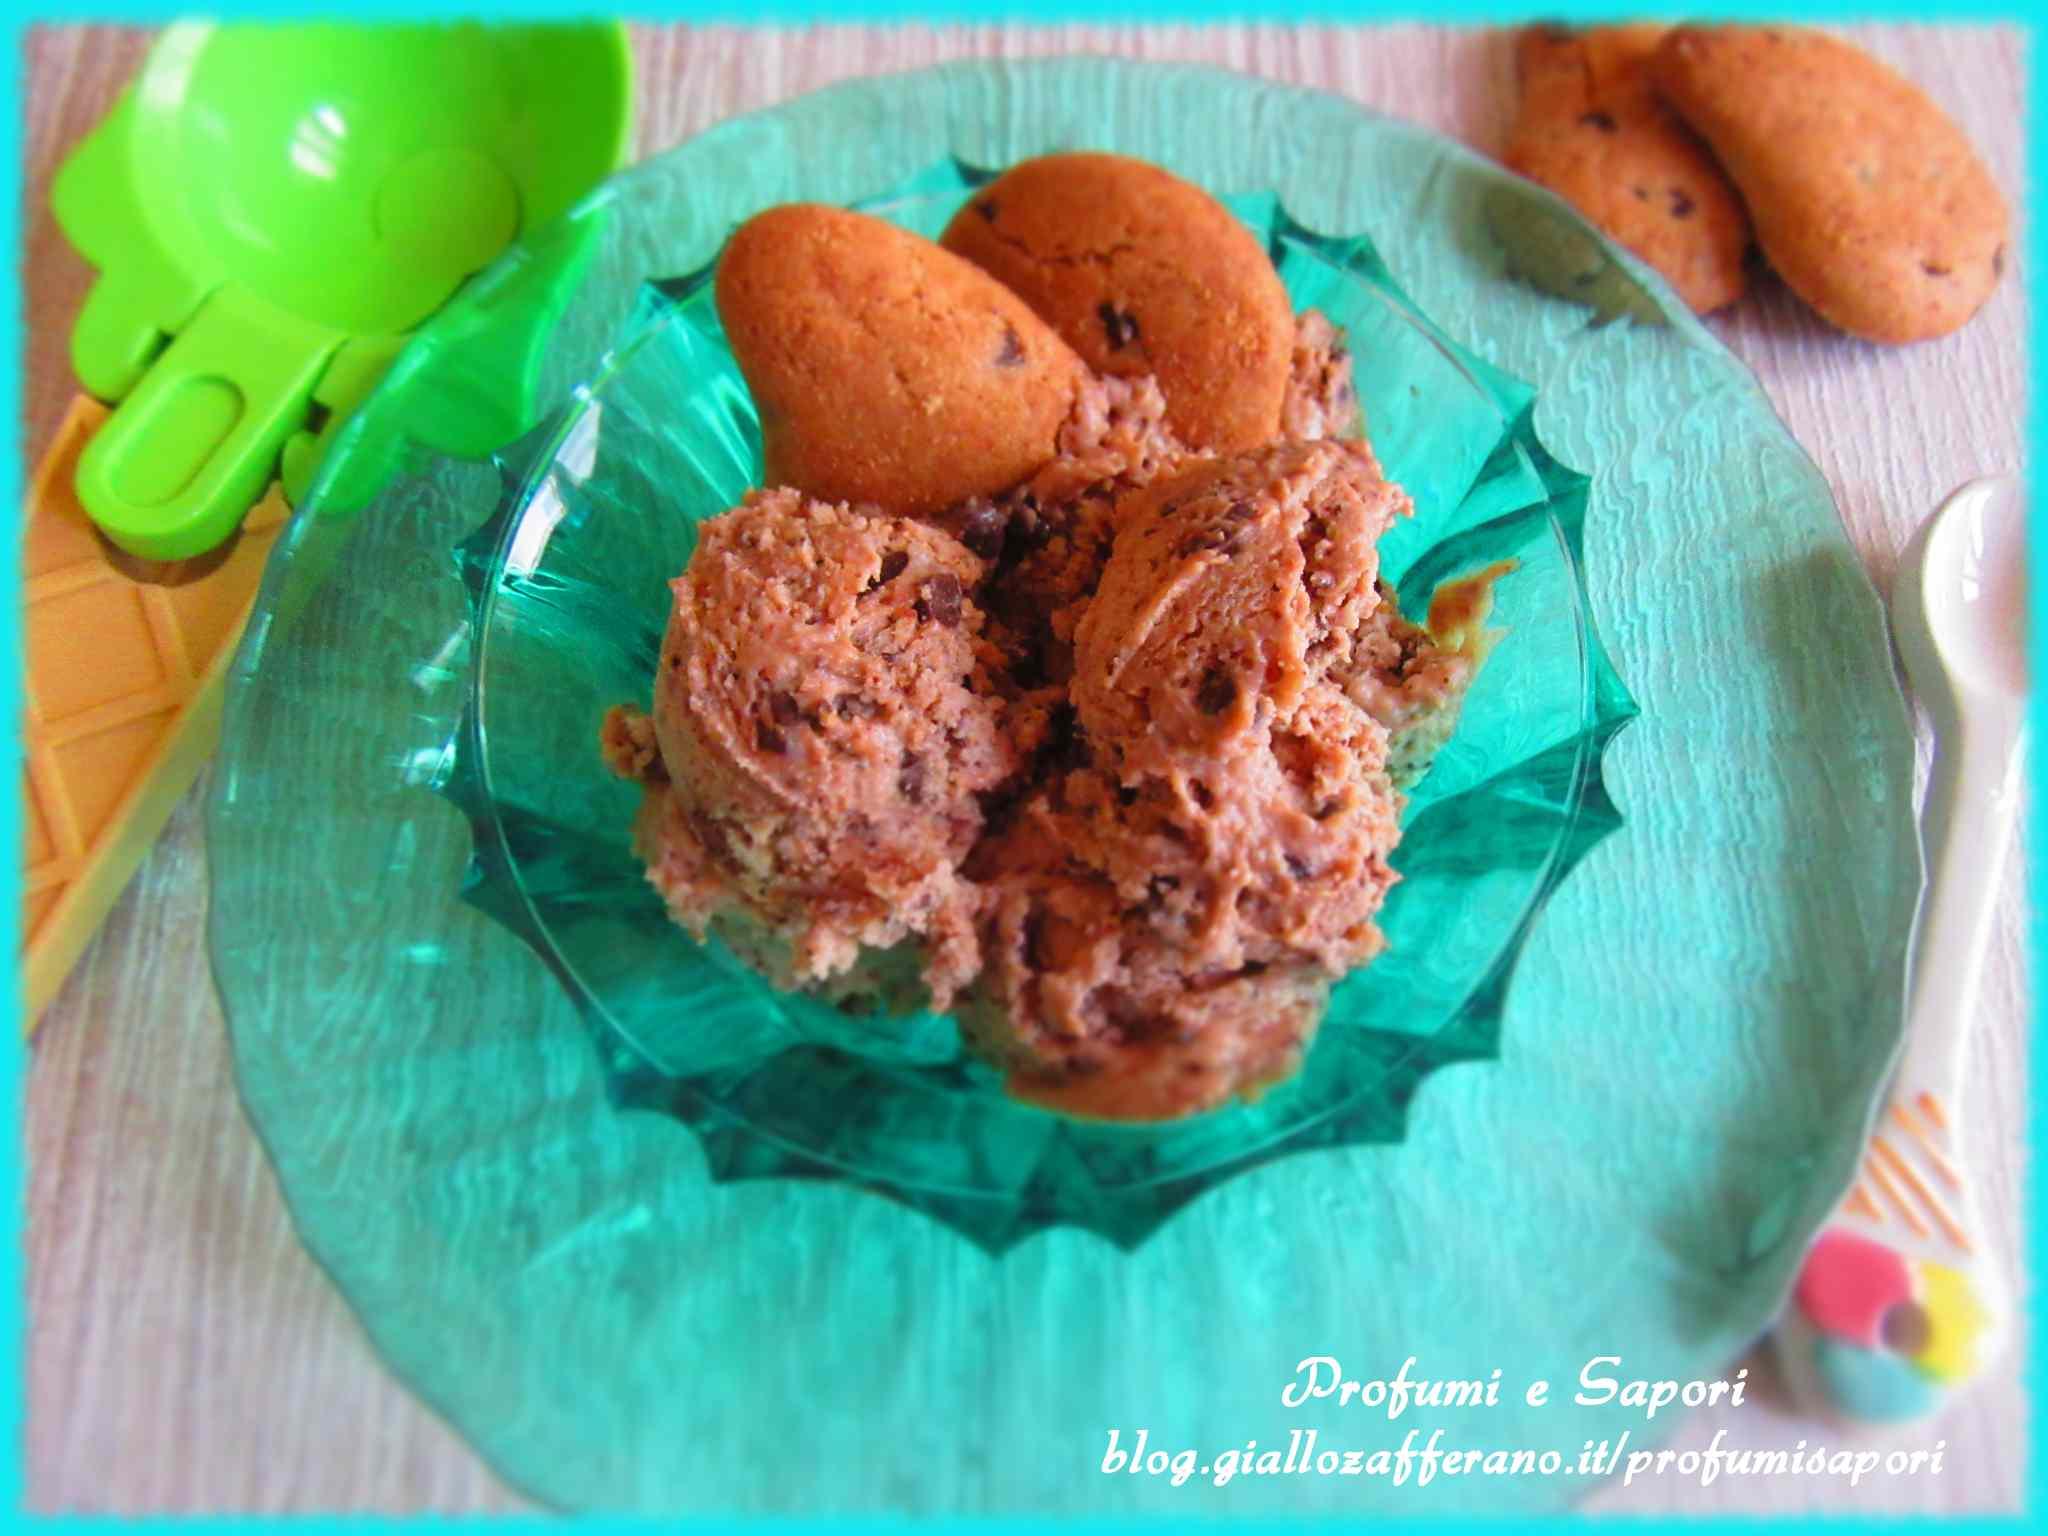 Gelato con le gocciole cremosissimo (senza gelatiera)